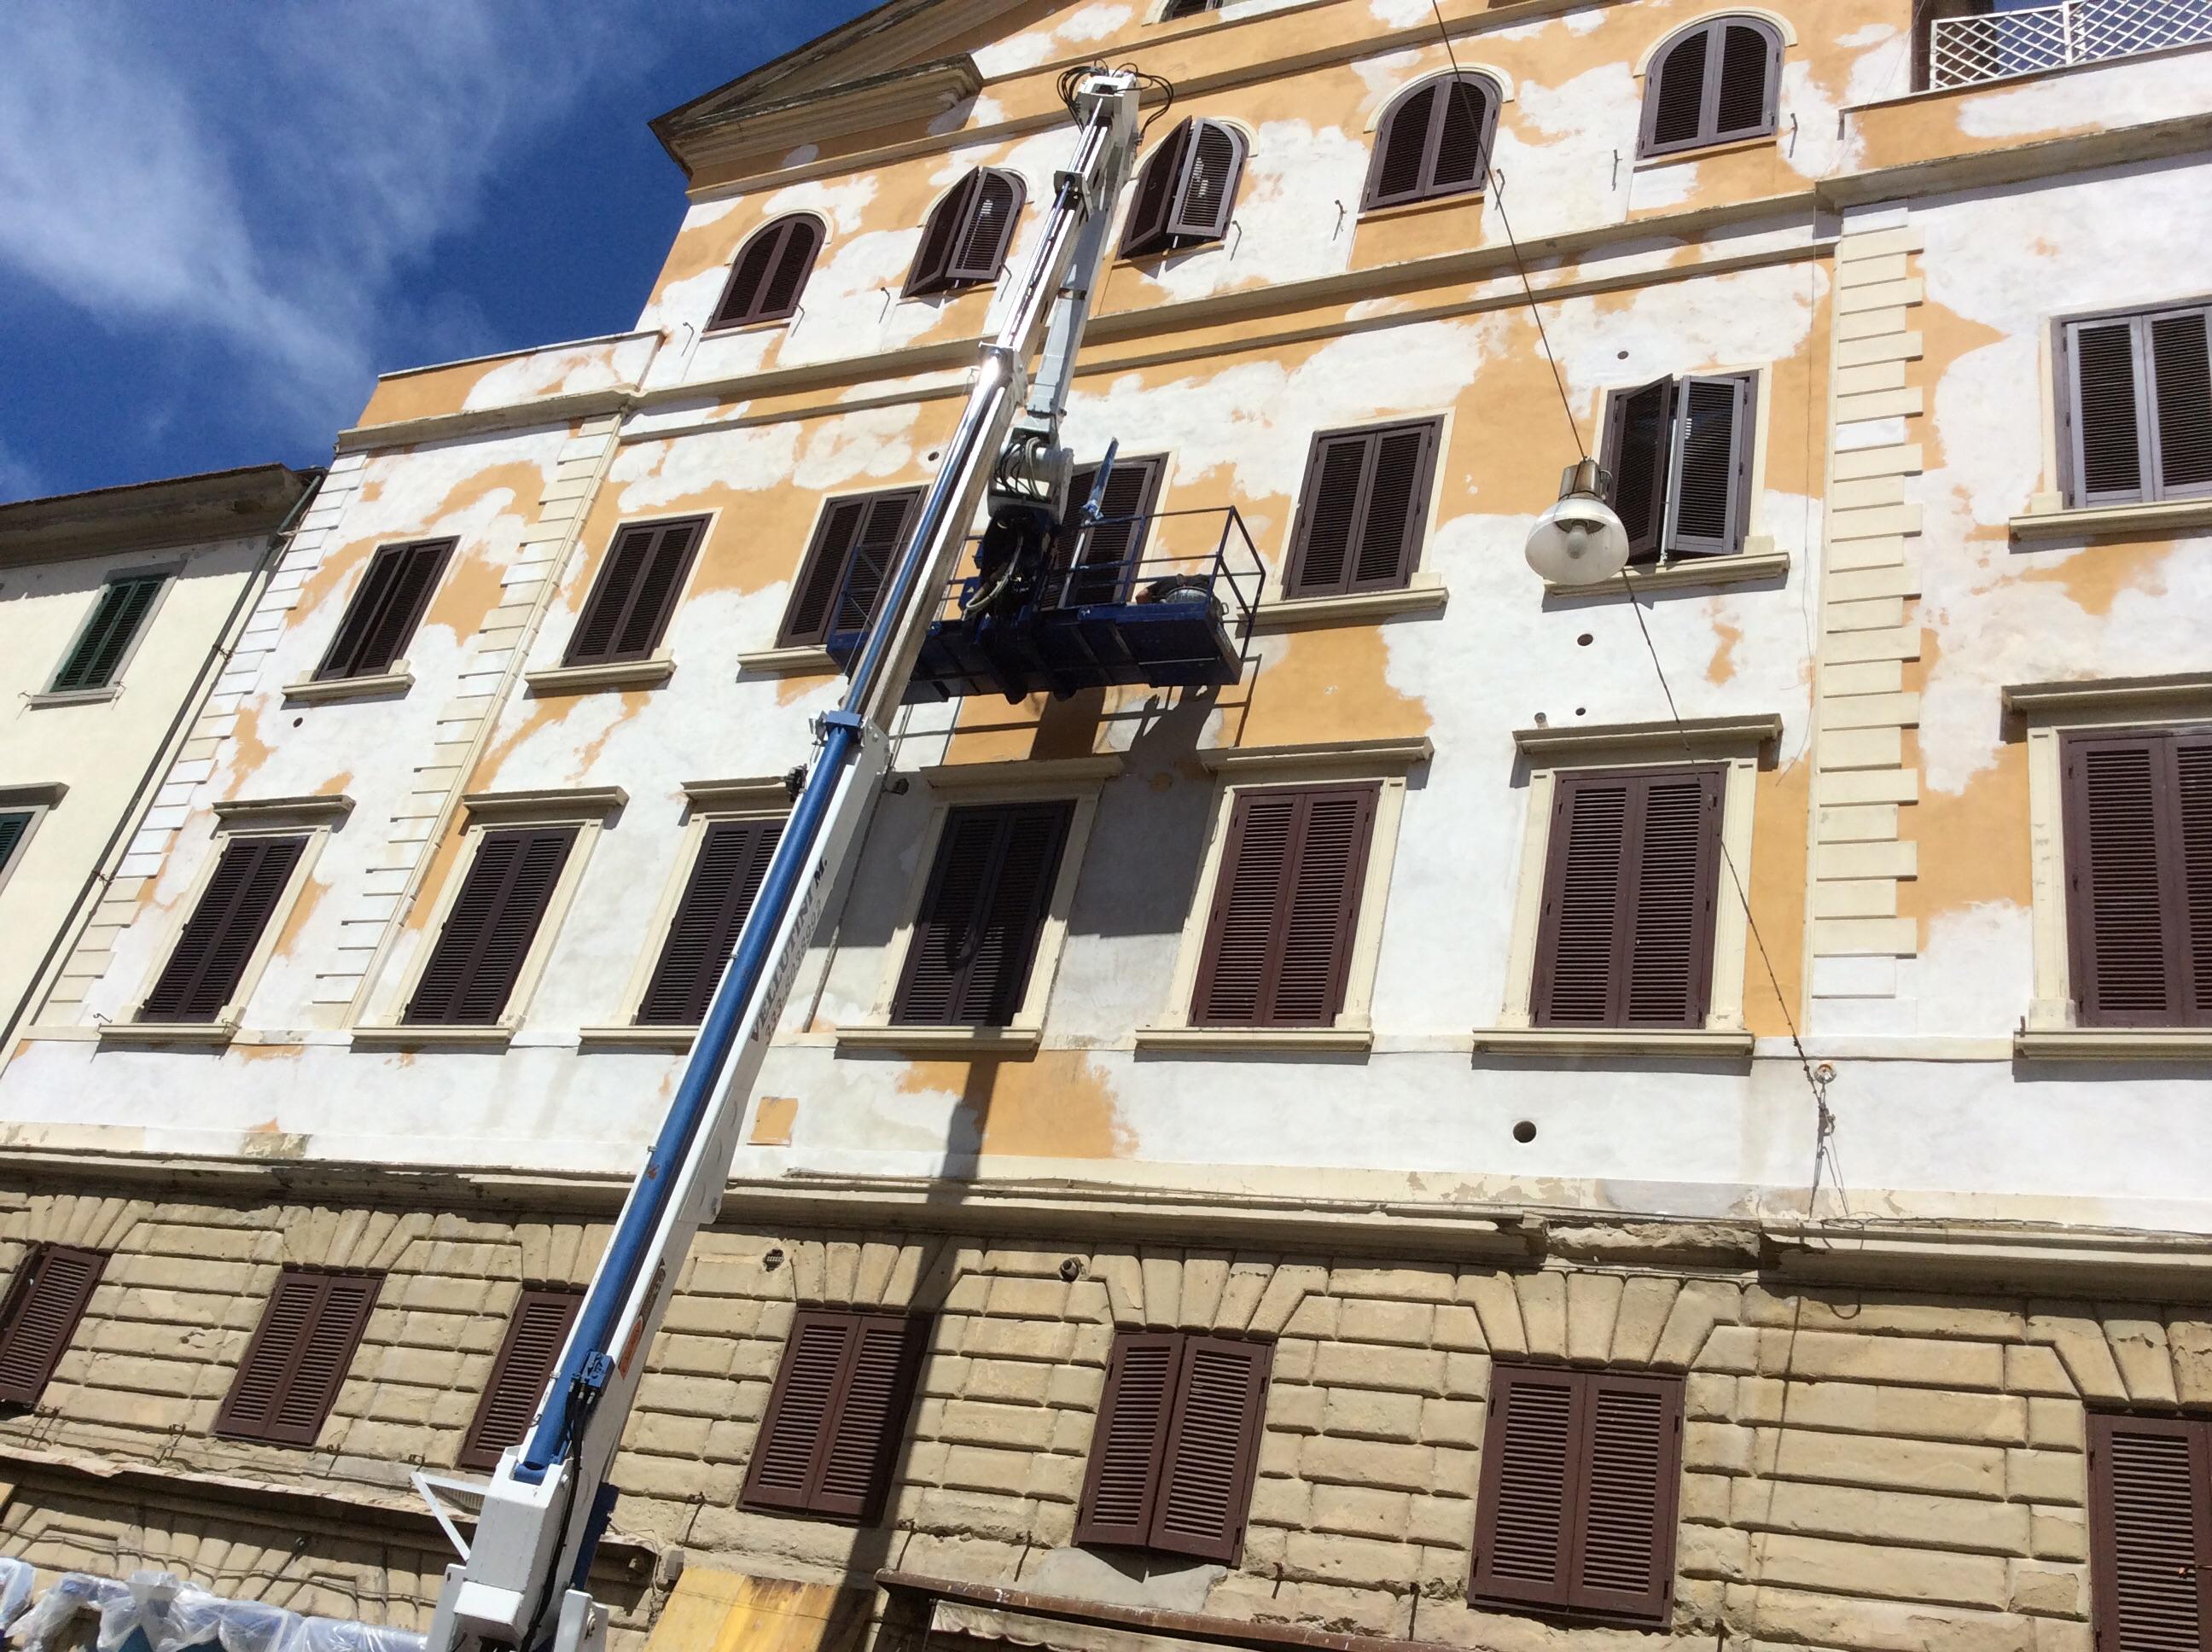 Progetto ristrutturazione facciata edificio idee for Idee ristrutturazione